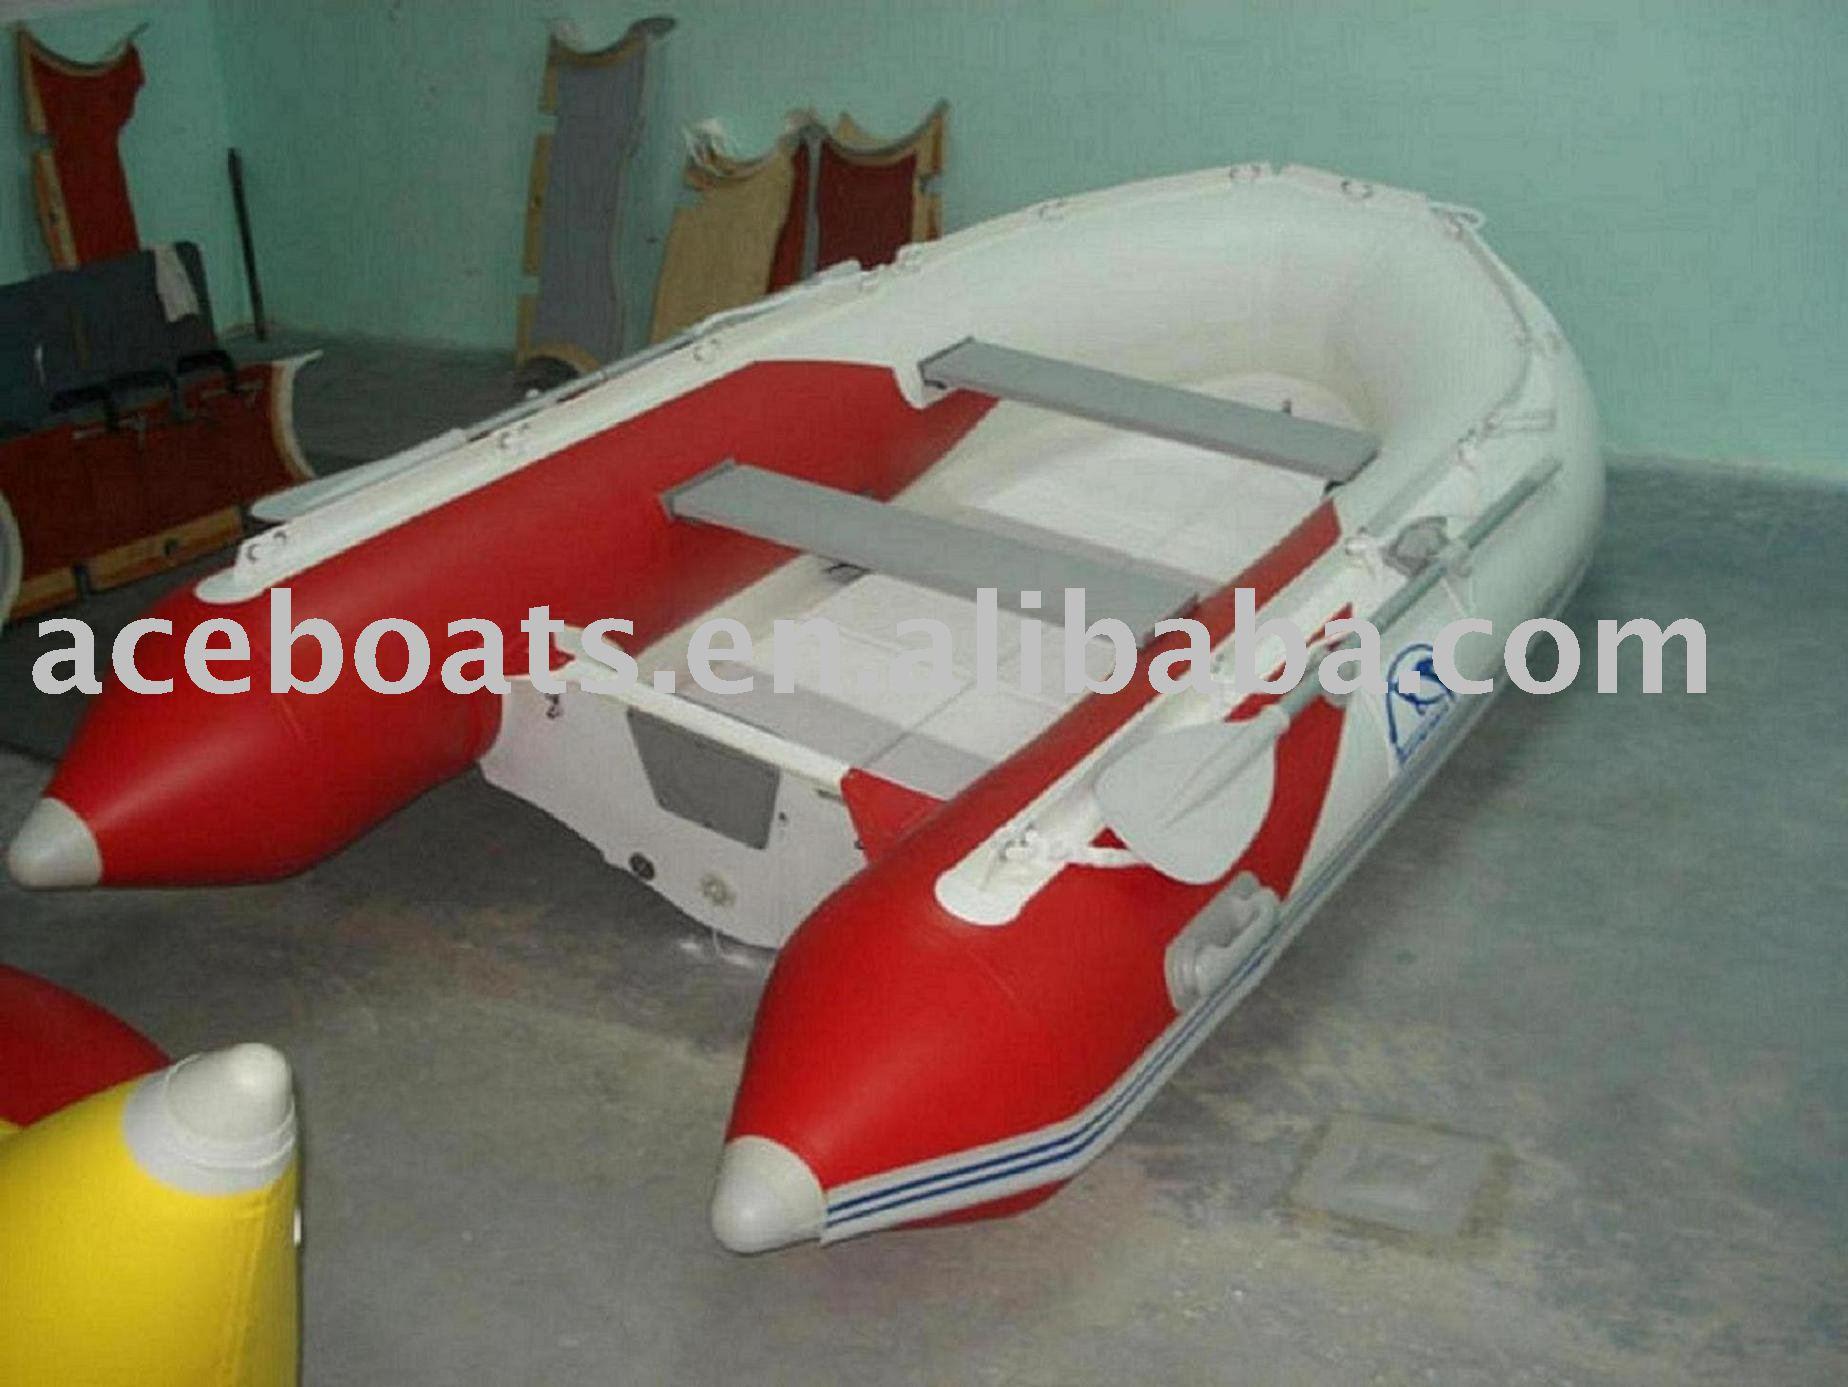 Fiberglass Products For Boats 3.3m Fiberglass Boat